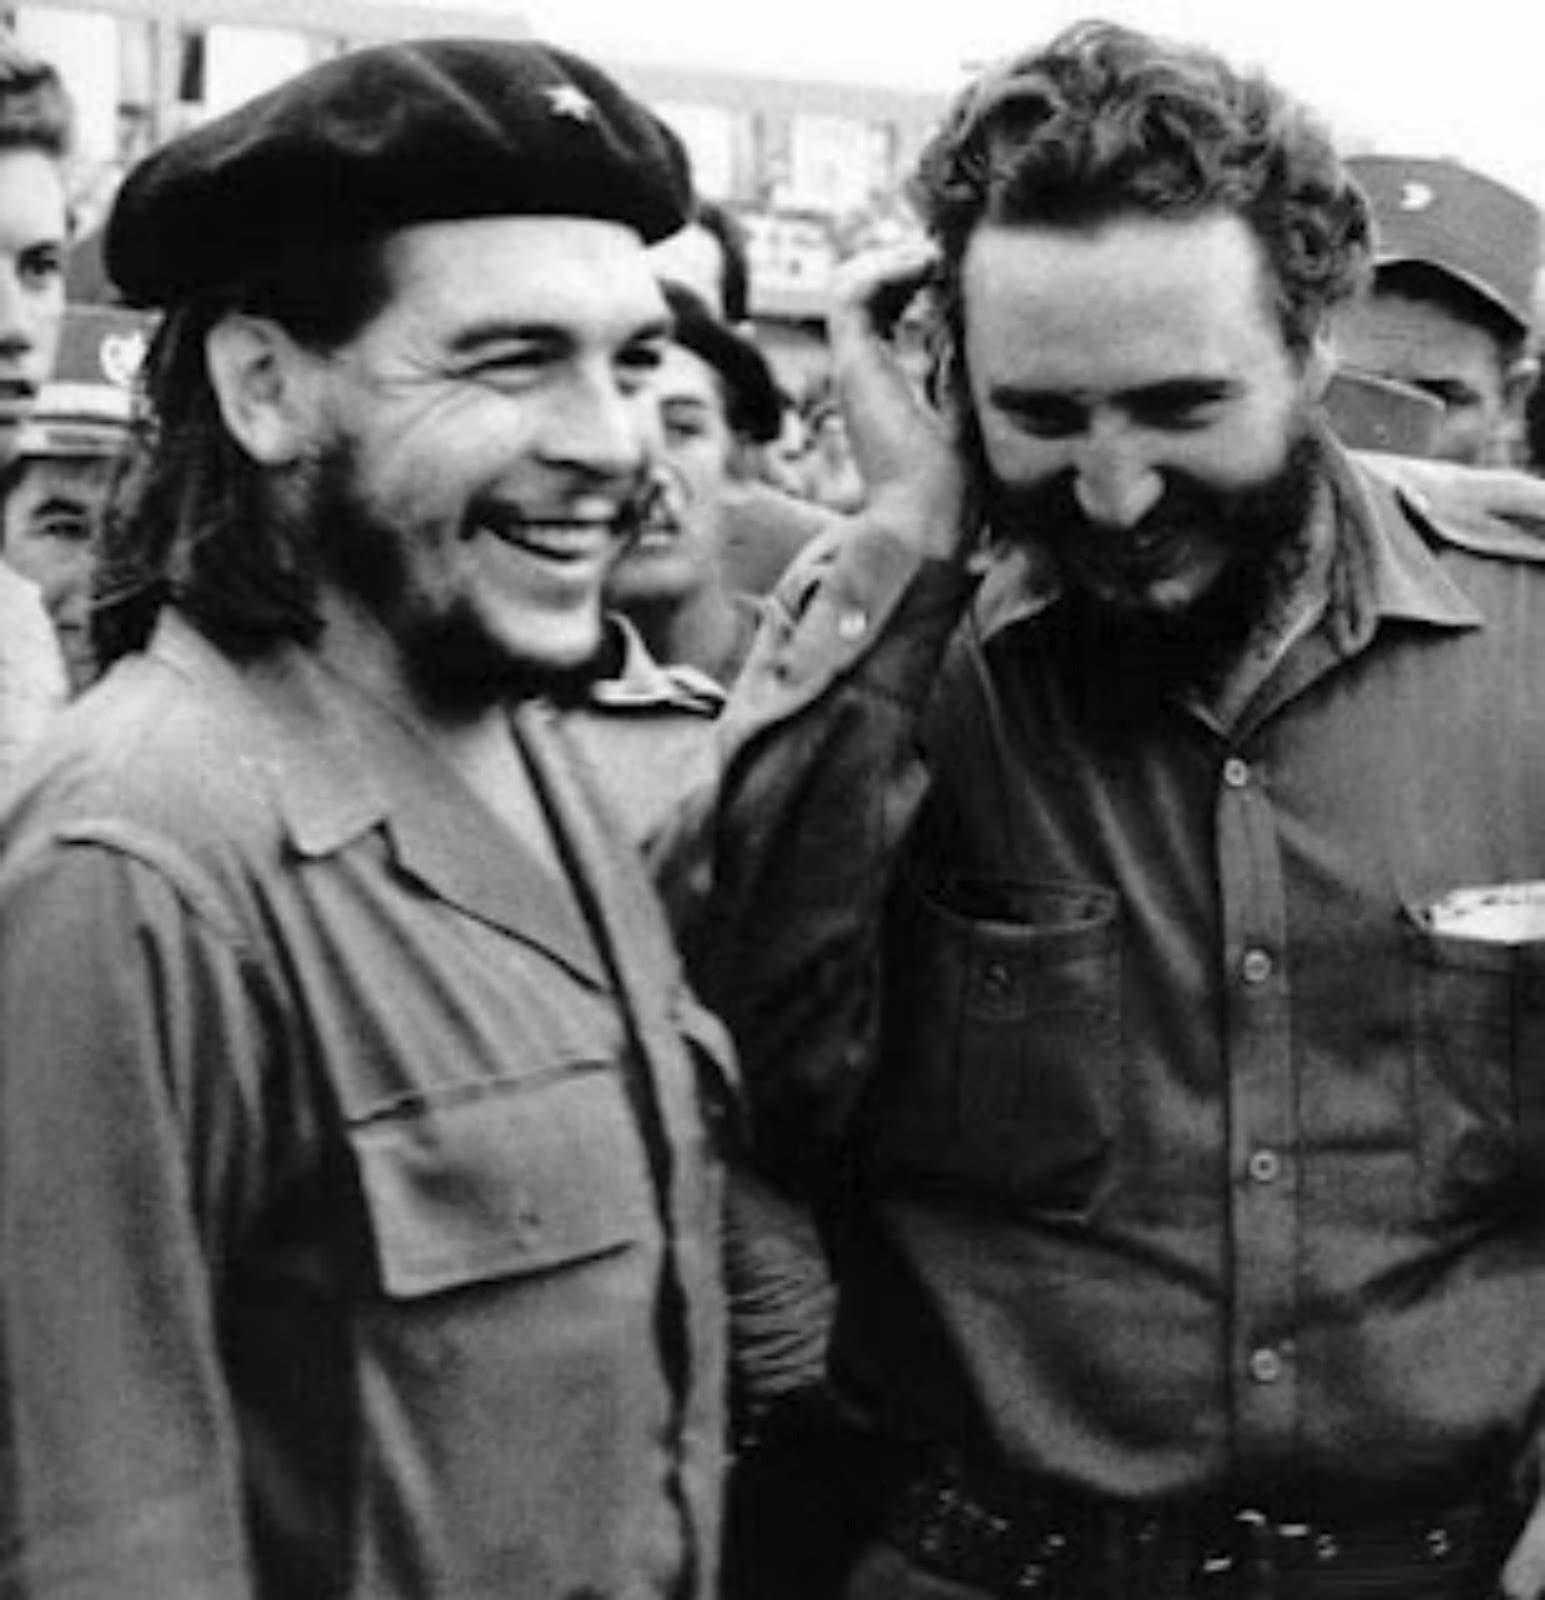 Cuba celebra 61 años de Revolución entre tensión con EEUU y batalla económica